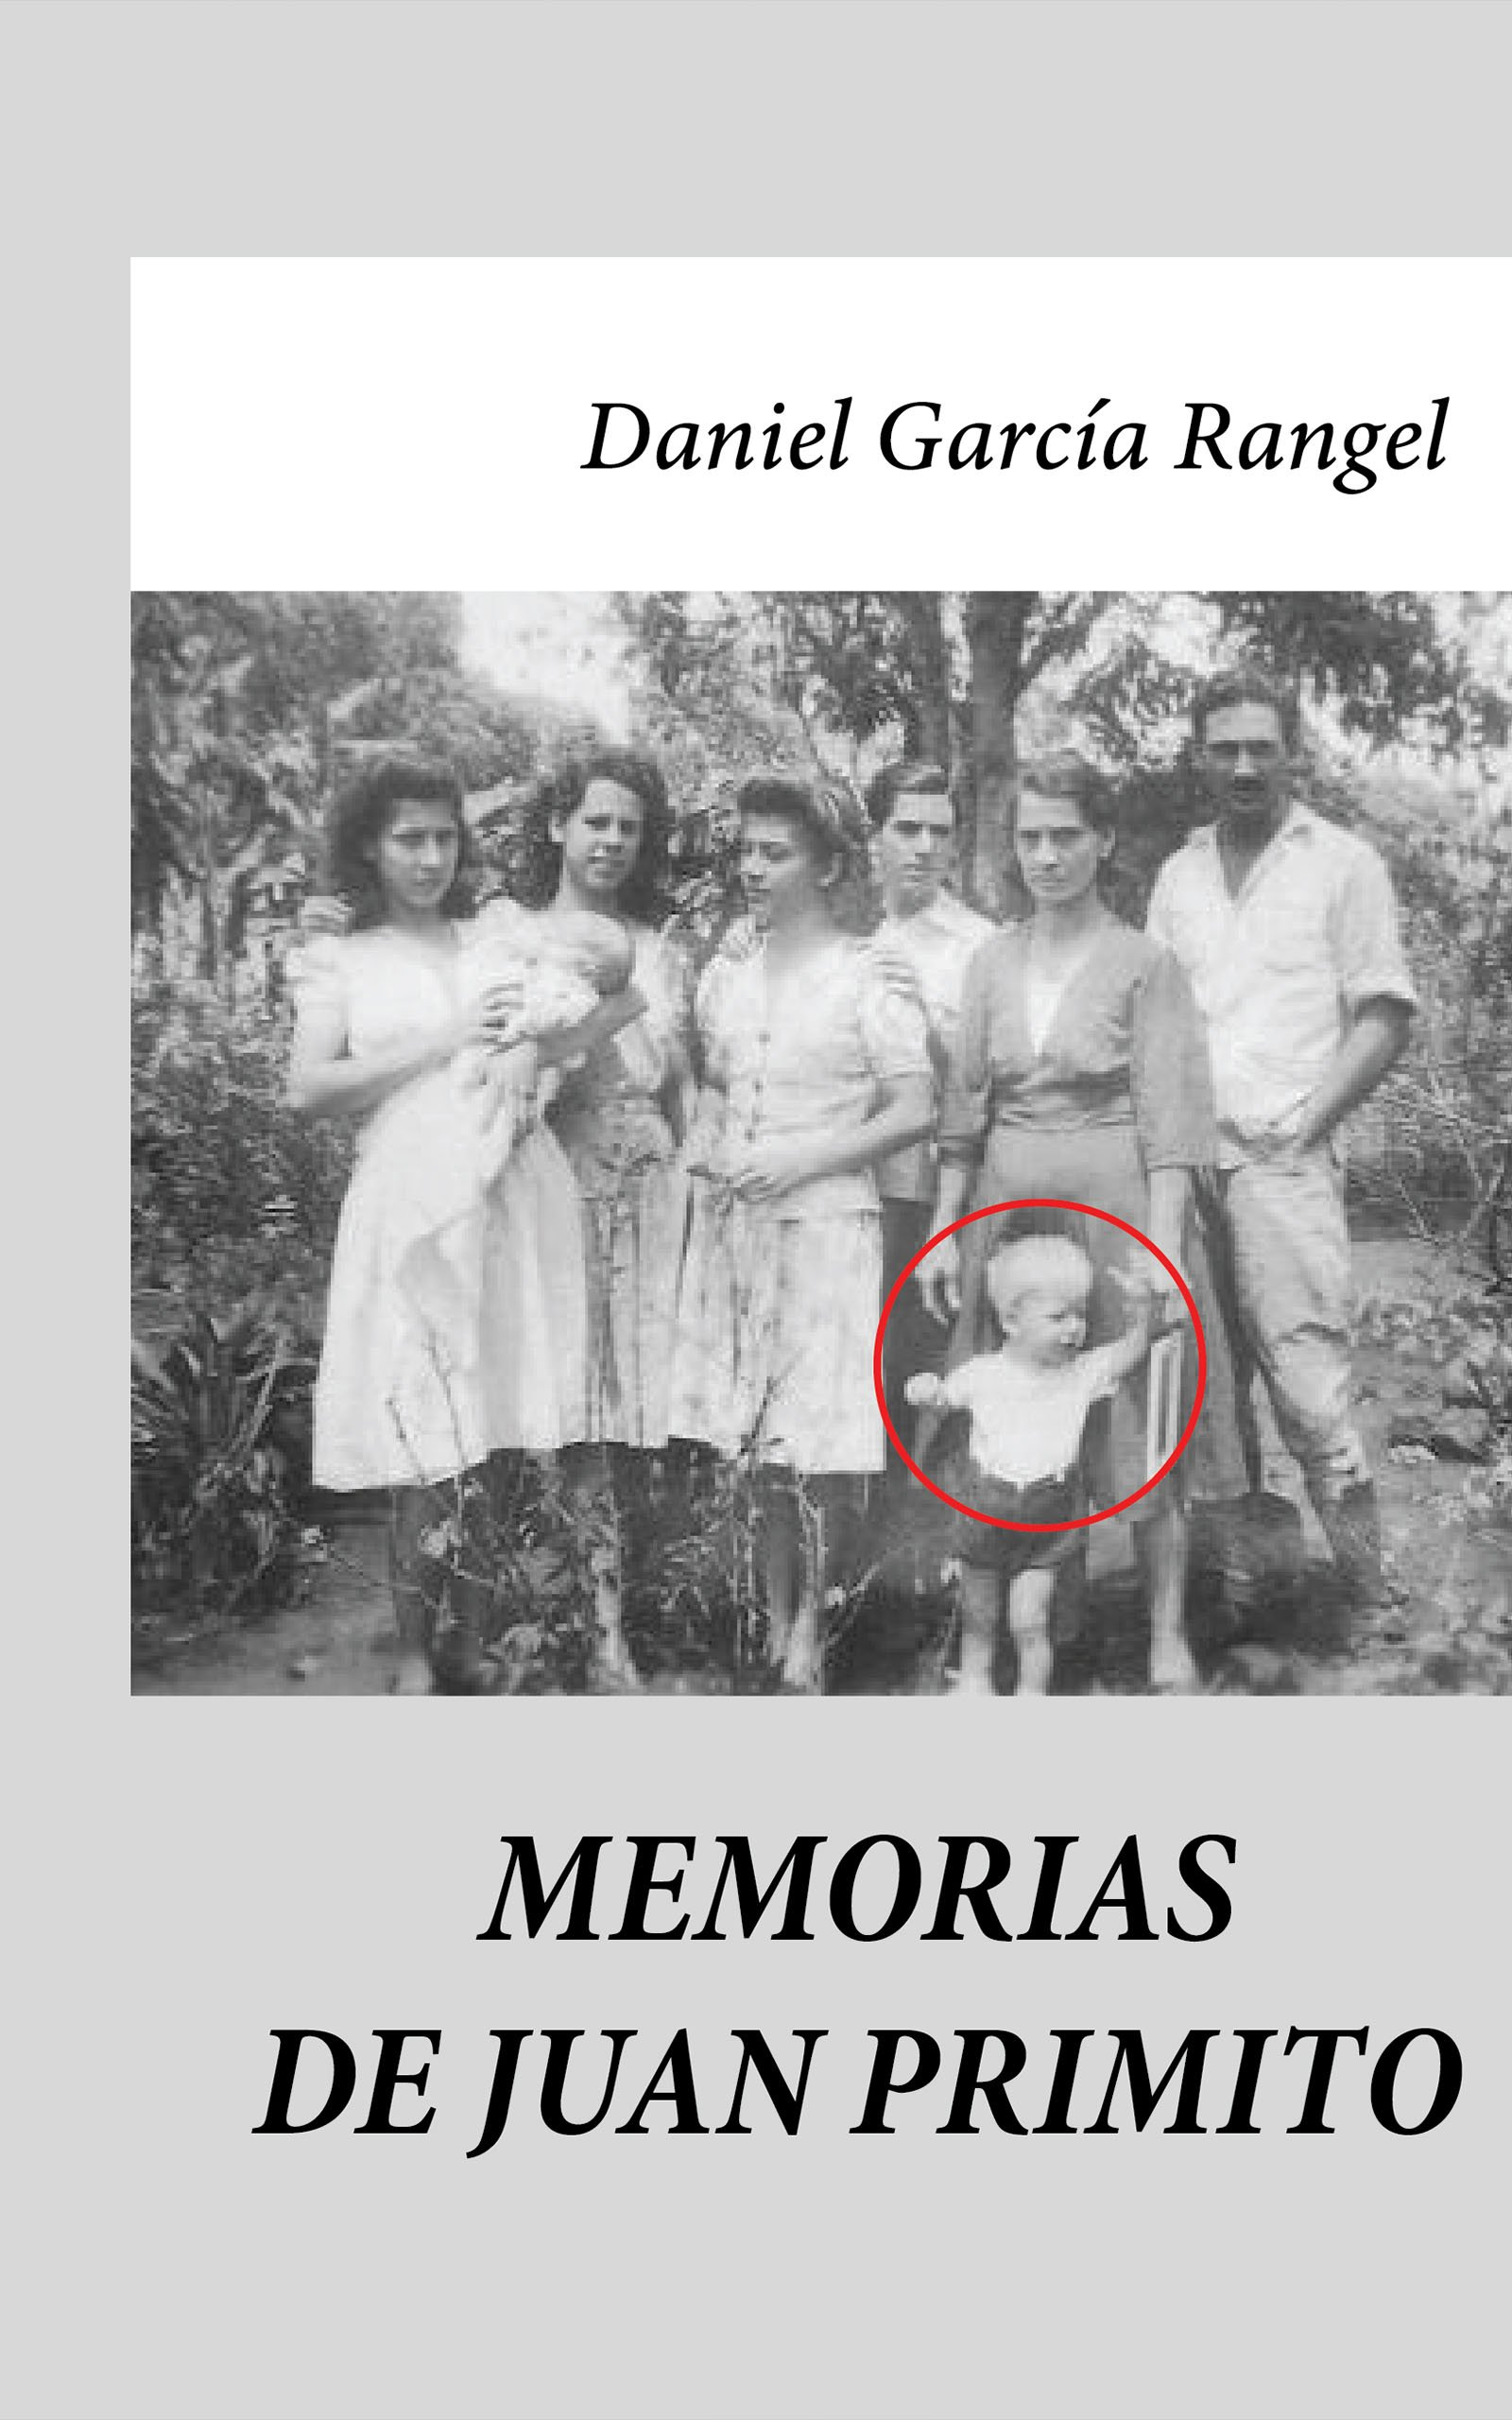 Memorias de Juan Primito, de Daniel García Rangel